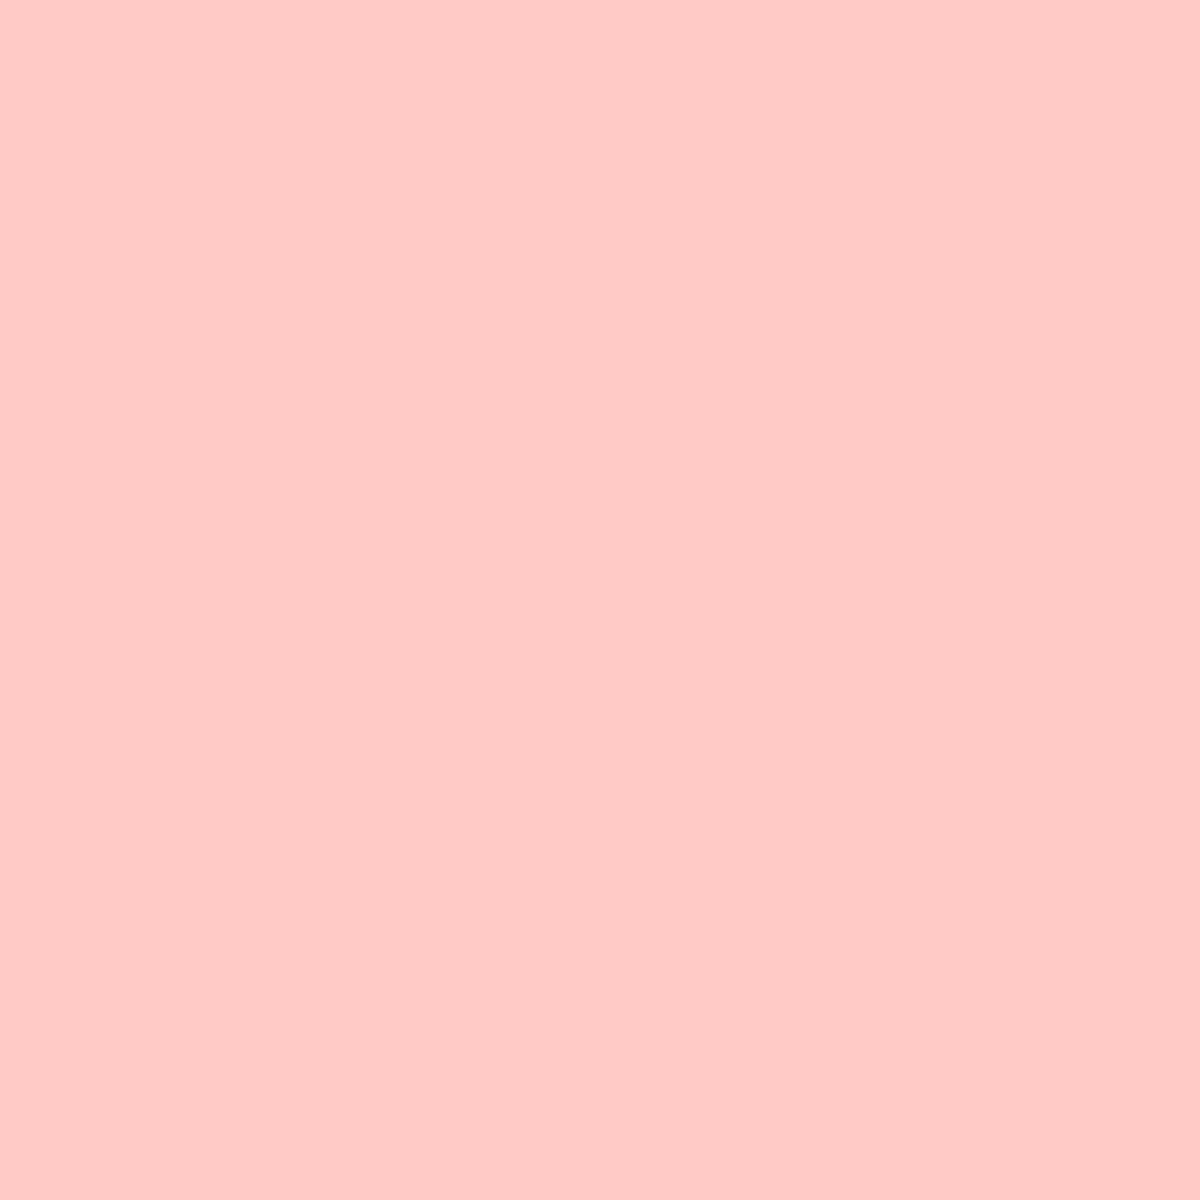 Quadratisches Falt-Karten-Set I 15 x 15 cm cm cm - mit Brief-Umschlägen & Einlege-Blätter I Royalblau I 75 Stück I KomplettpaketI Qualitätsmarke  FarbenFroh® von GUSTAV NEUSER® B07D4GGQTR | Feinen Qualität  7a9c56